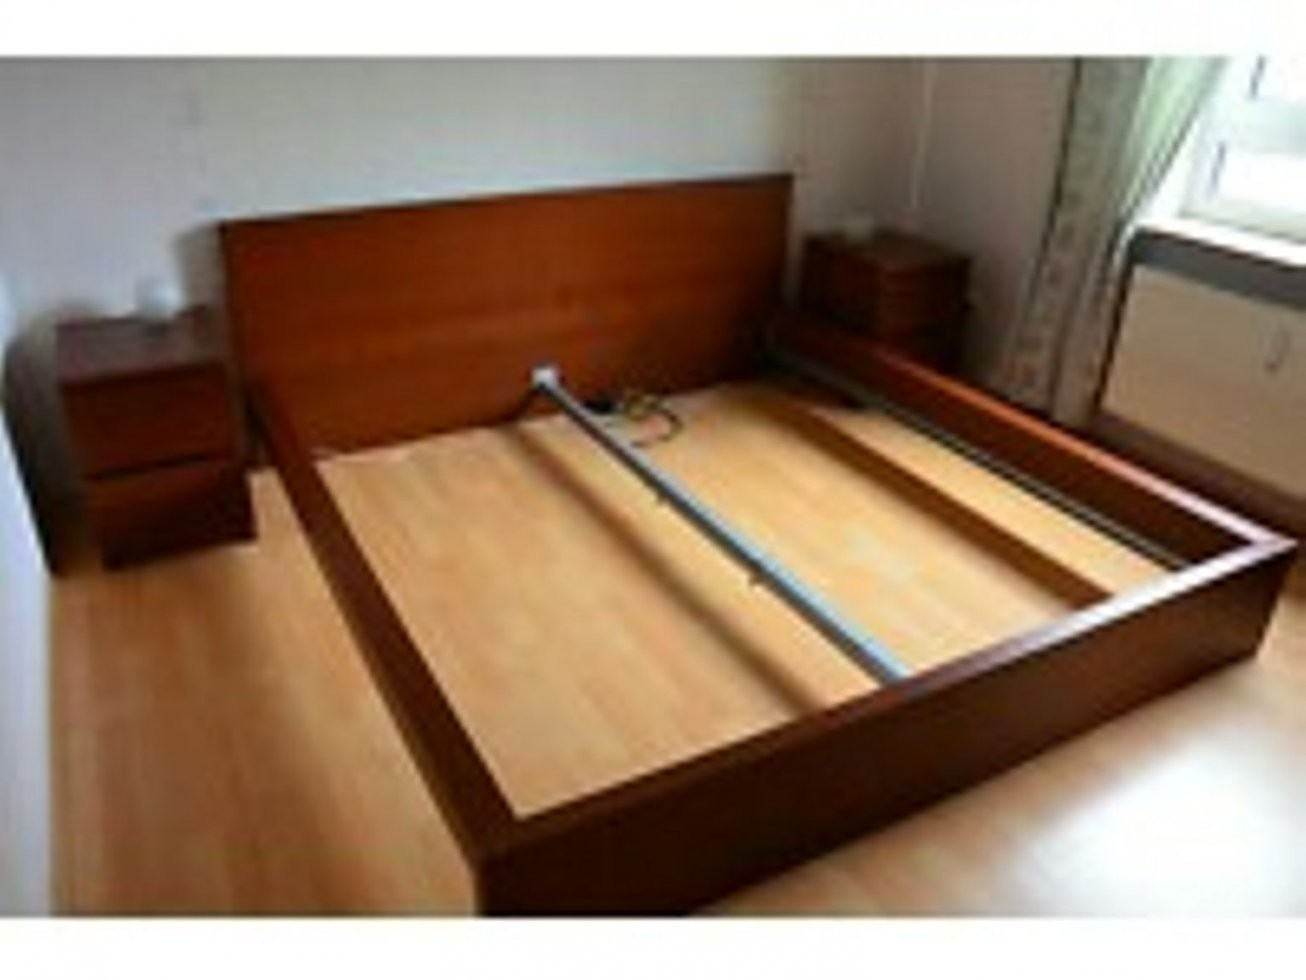 Gebraucht Ikea Malm Bett 180X200 Nussbaum In 38102 Braunschweig Um von Ikea Malm Bett 180X200 Bild